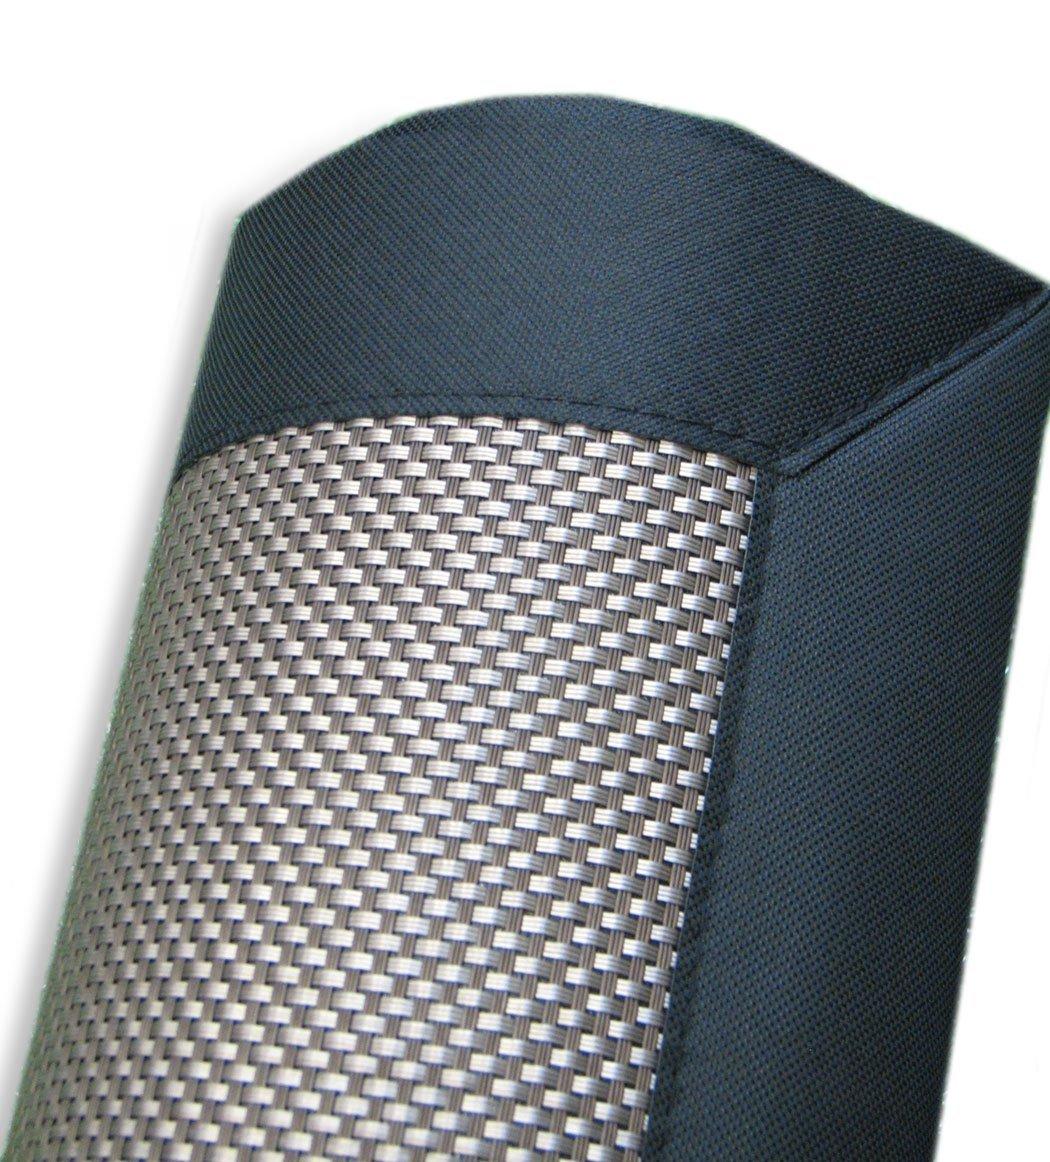 soldering delphi glass mats fireproof supplies large accessories mat